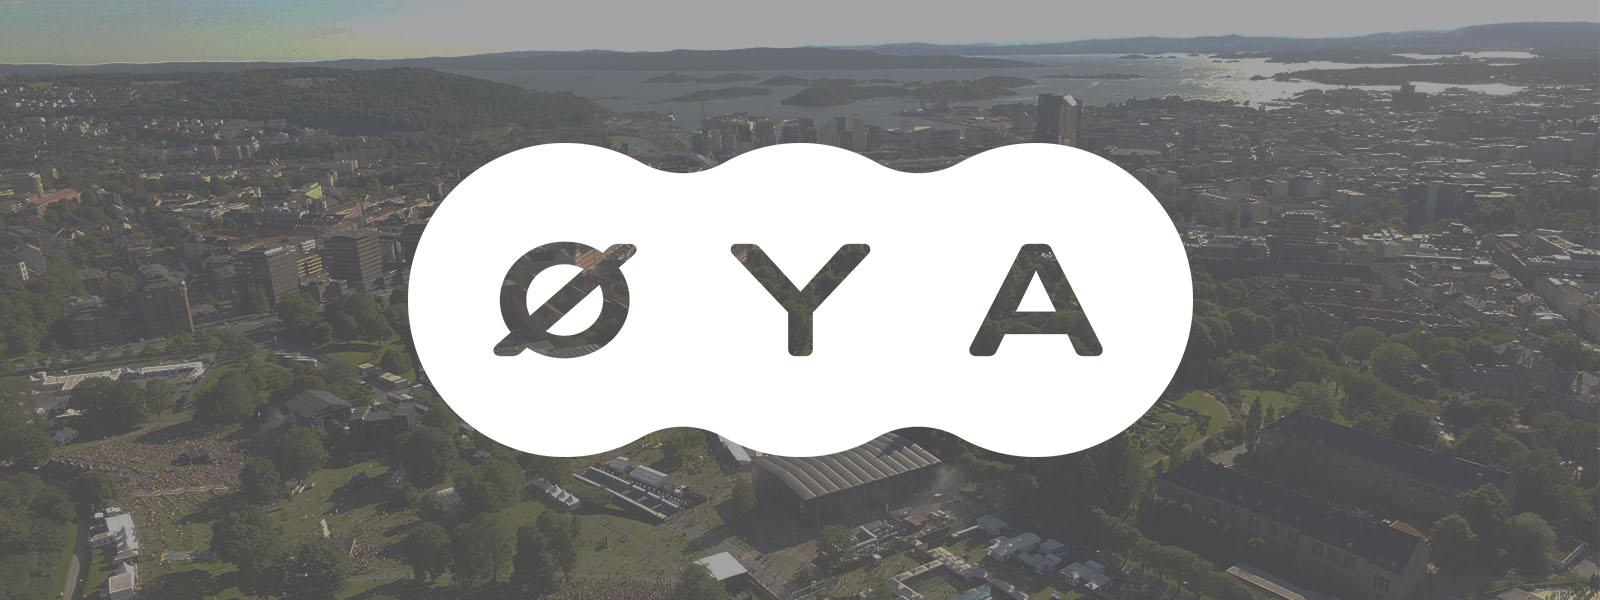 Øya Fest Underway In Oslo